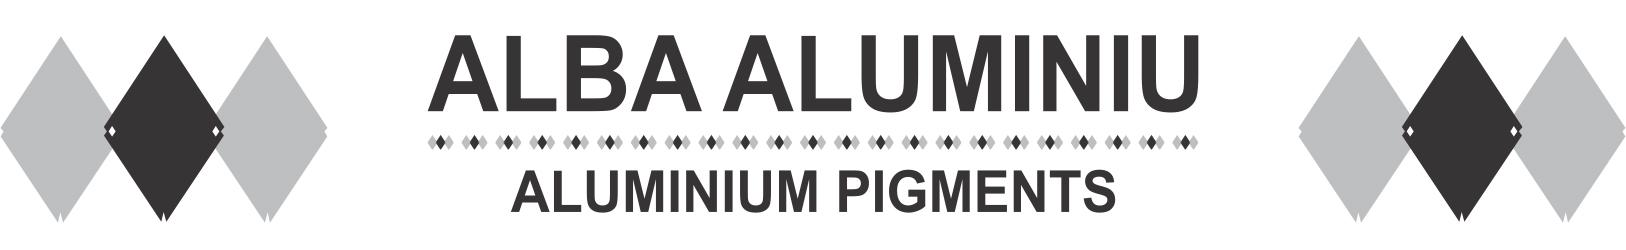 Alba Aluminiu